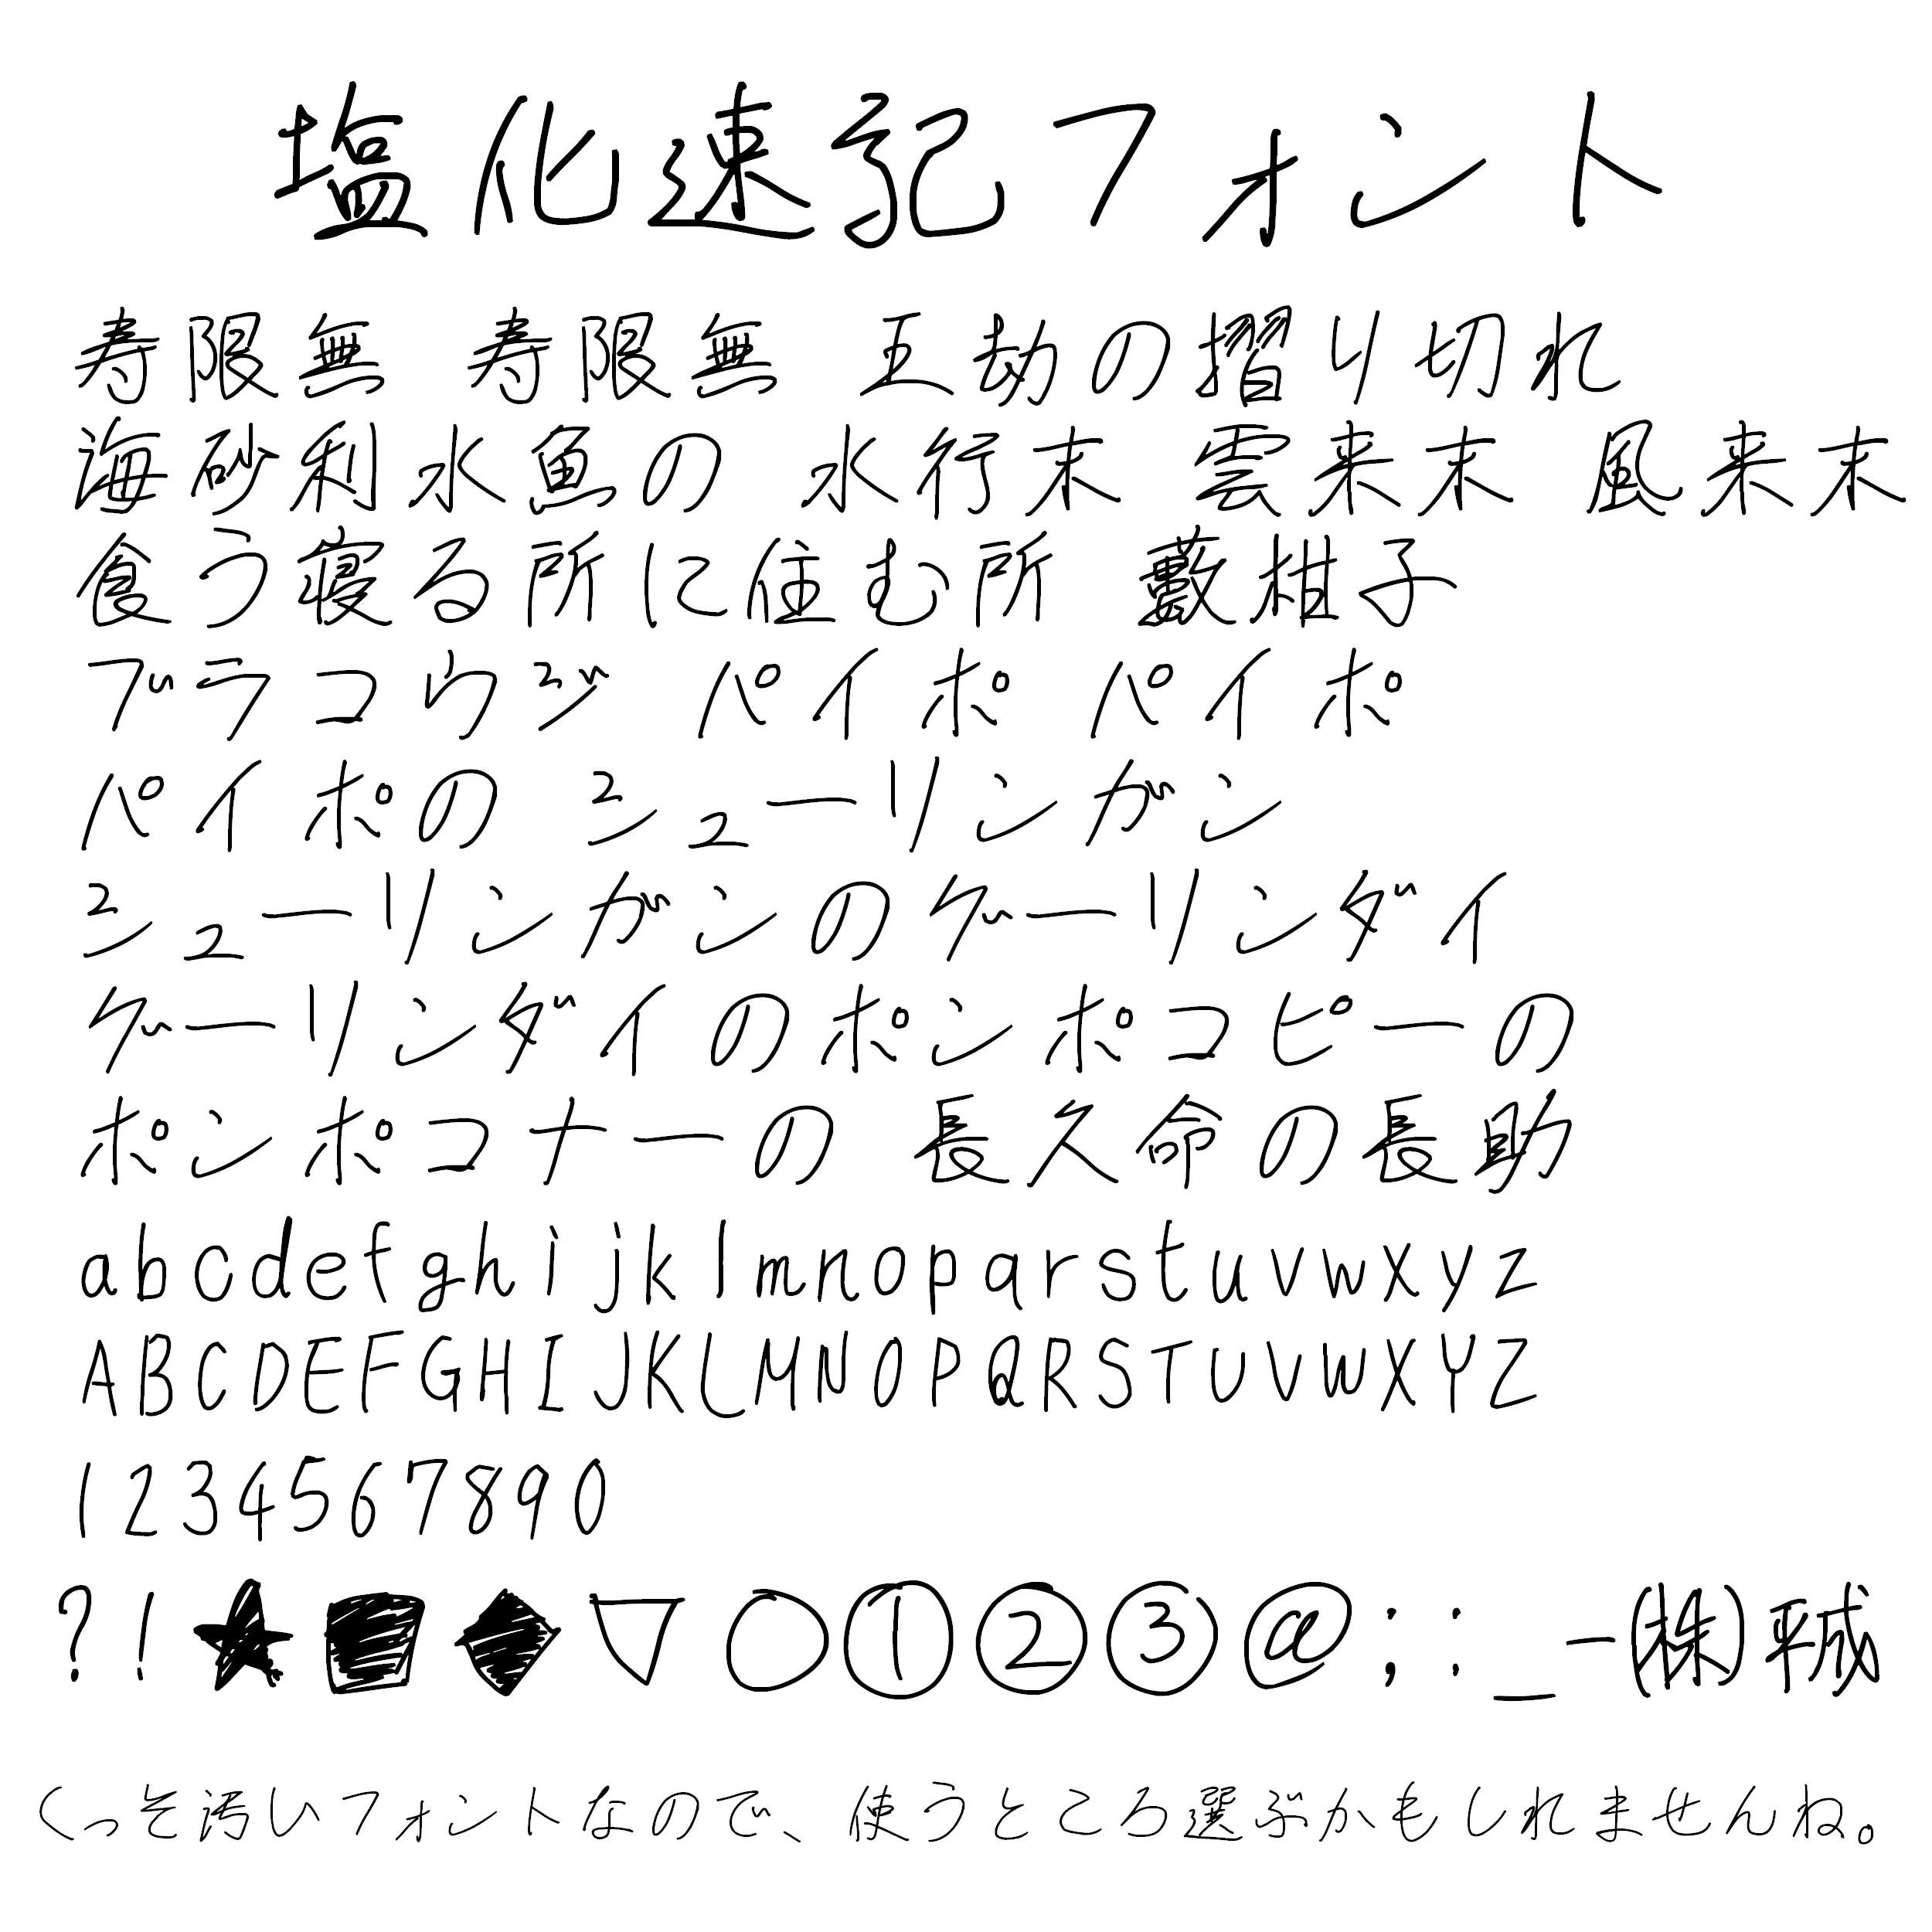 塩化速記フォント見本